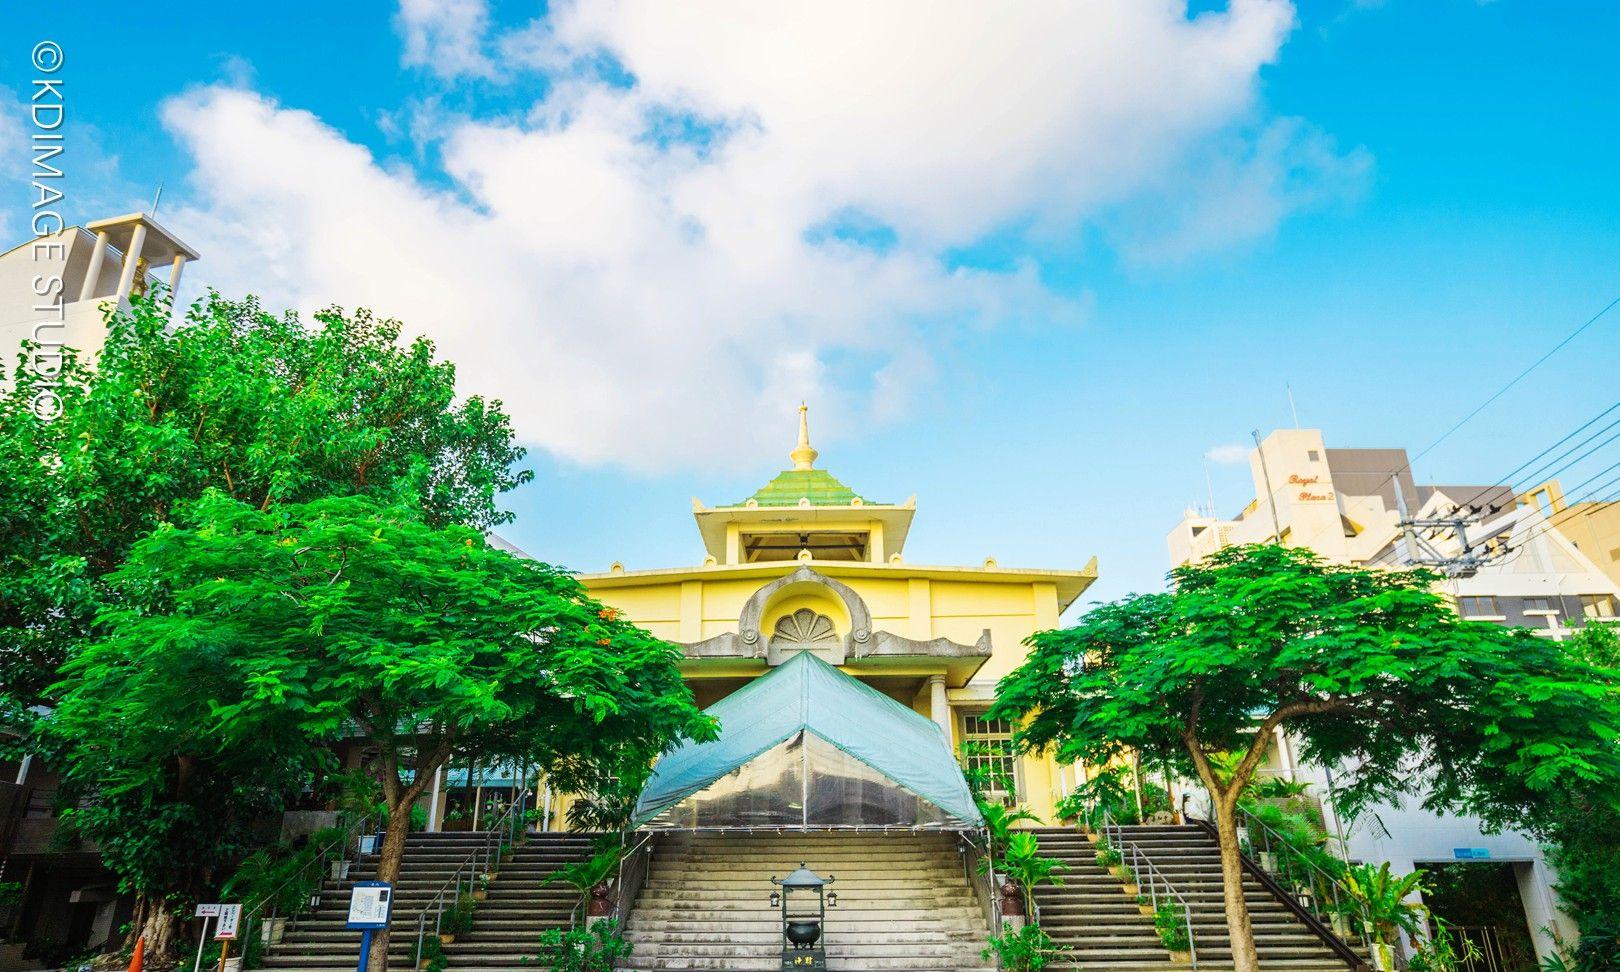 「国际通」是日本冲绳比较热闹的街区,好多东西的价格都不算很贵